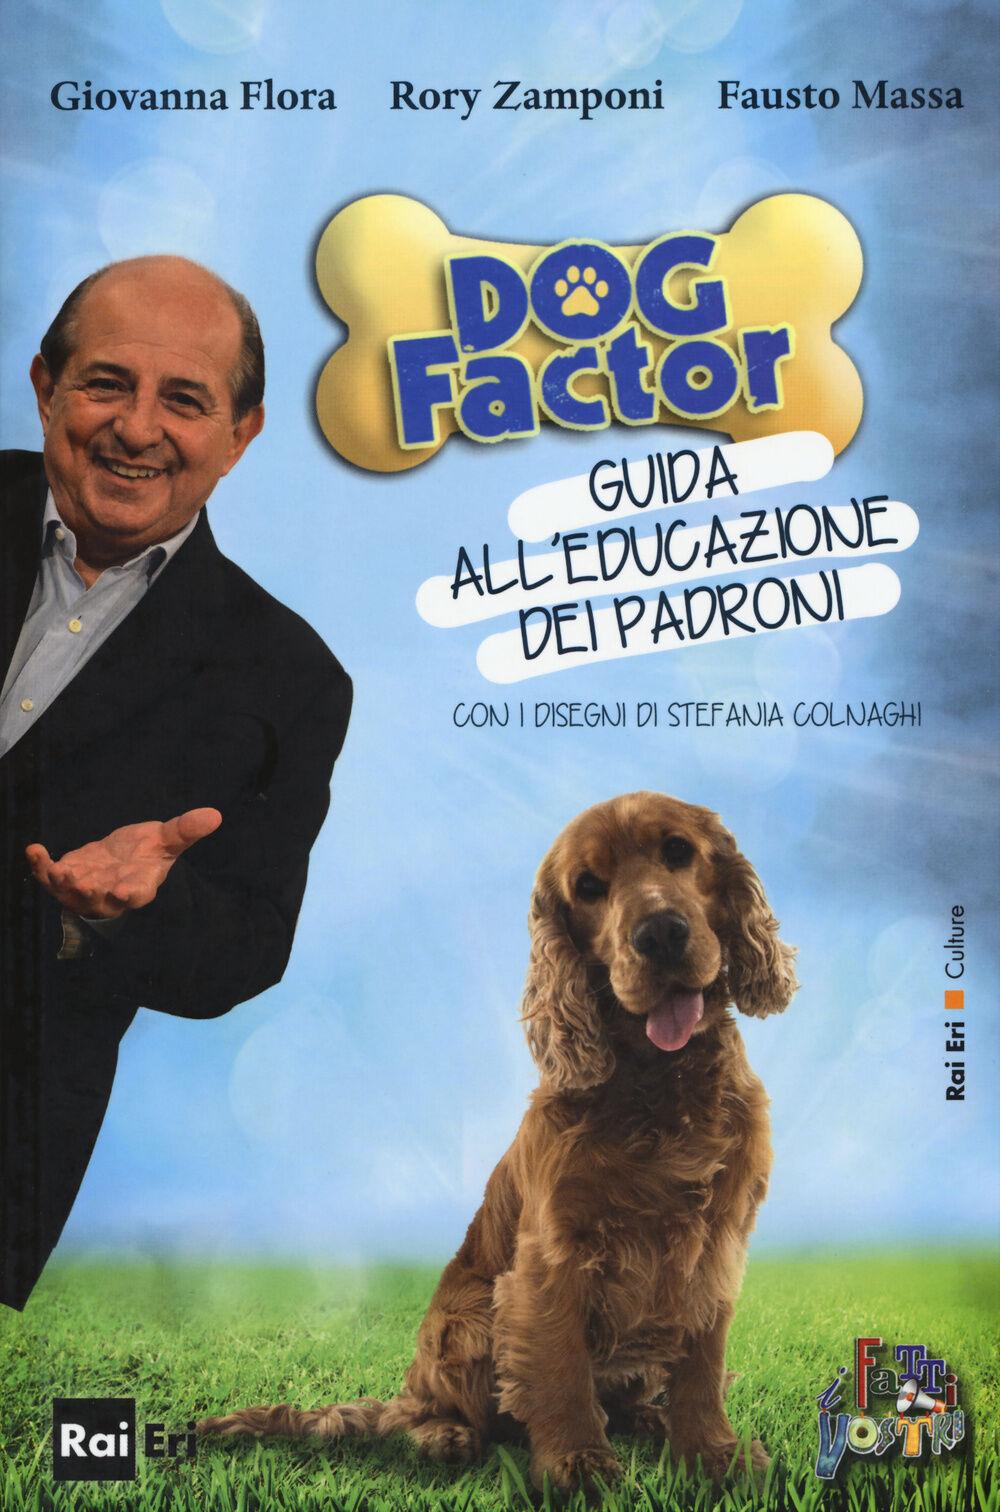 Dog factor. Guida all'educazione dei padroni